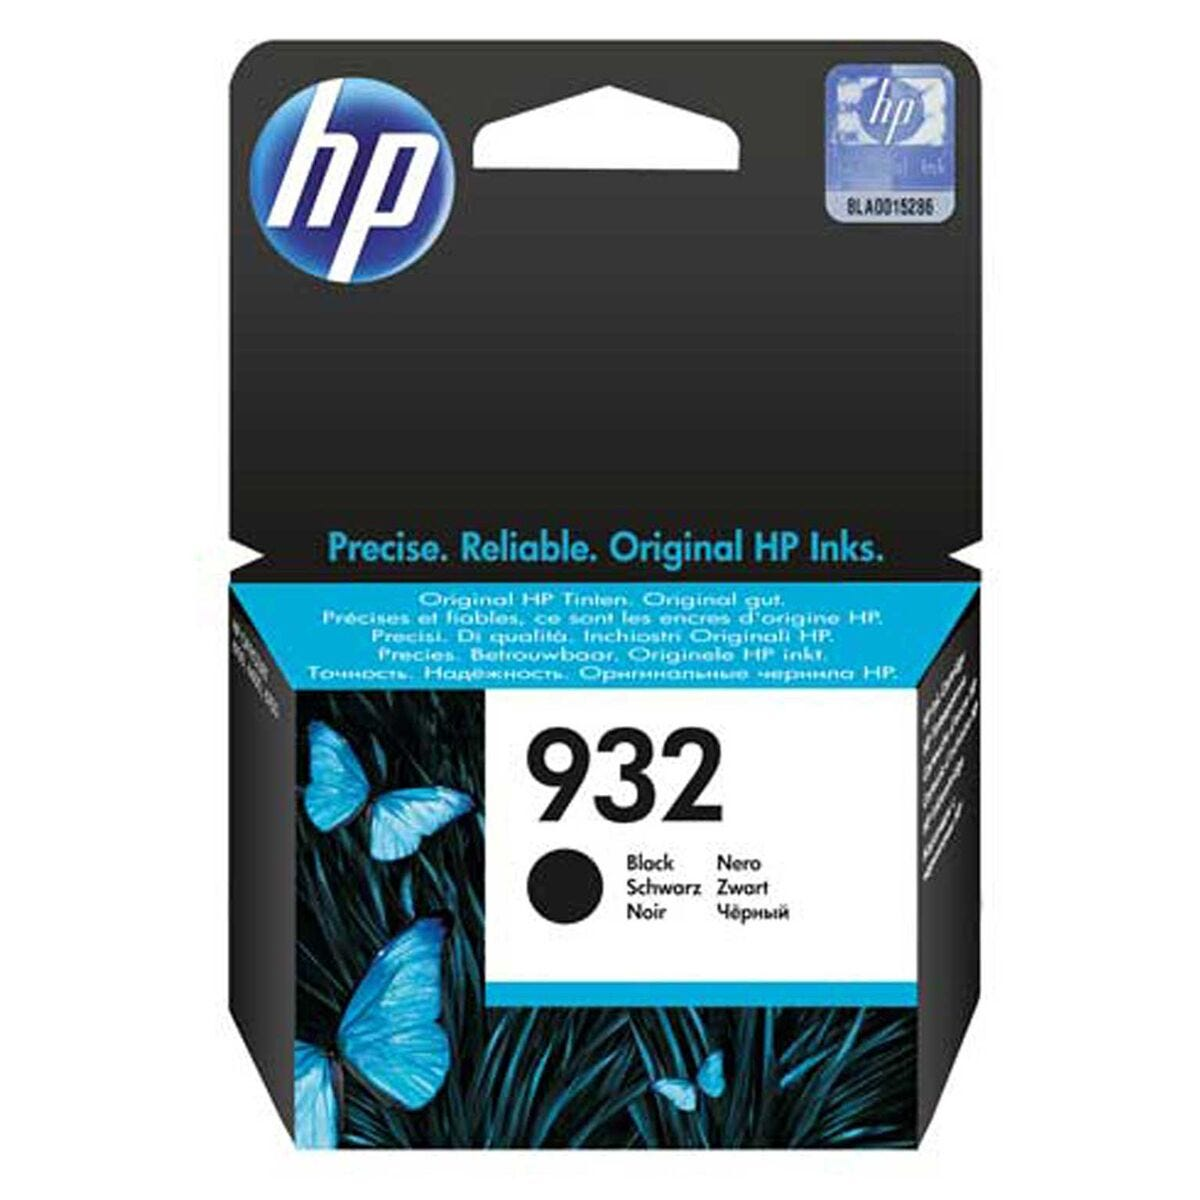 HP Officejet Ink Cartridge 932